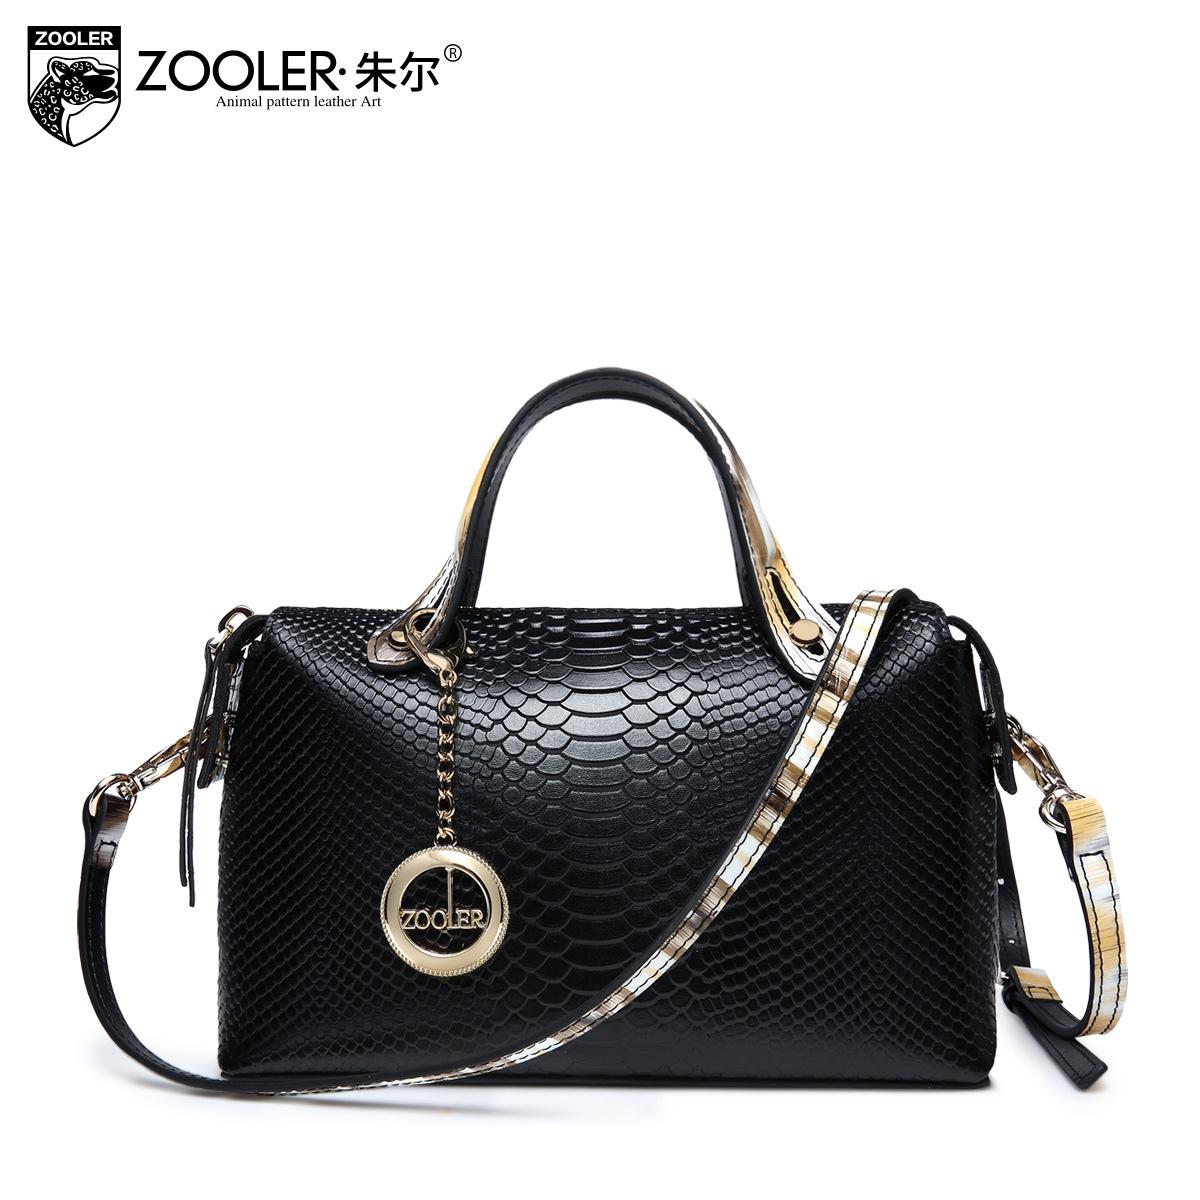 desigual women messenger bags genuine leather bag handbags women bag ladies famous brands bolsa feminina Crossbody Shoulder Bags